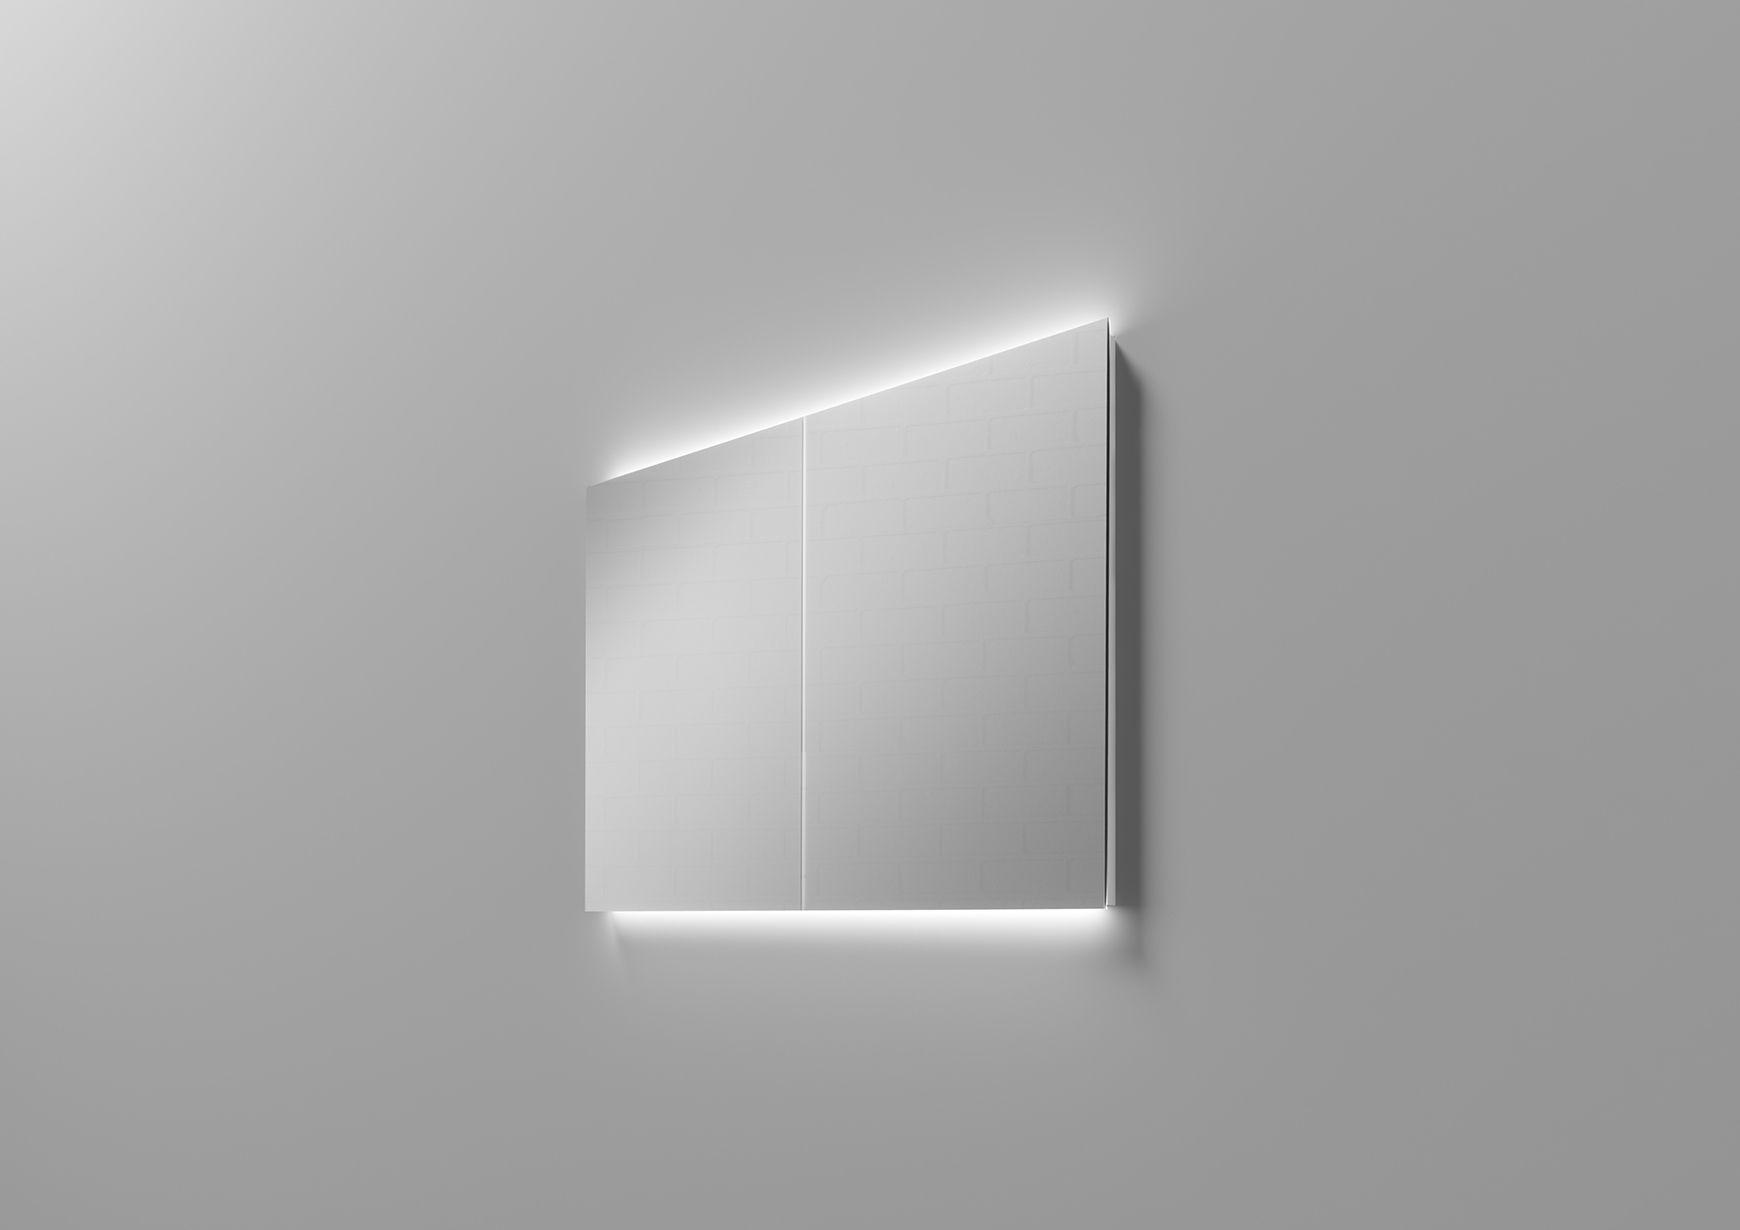 Ungewohnlicher Spiegelschrank Zur Verschonerung Ihrer Wohnkultur In 2020 Led Aufbauleuchte Spiegel Led Wand